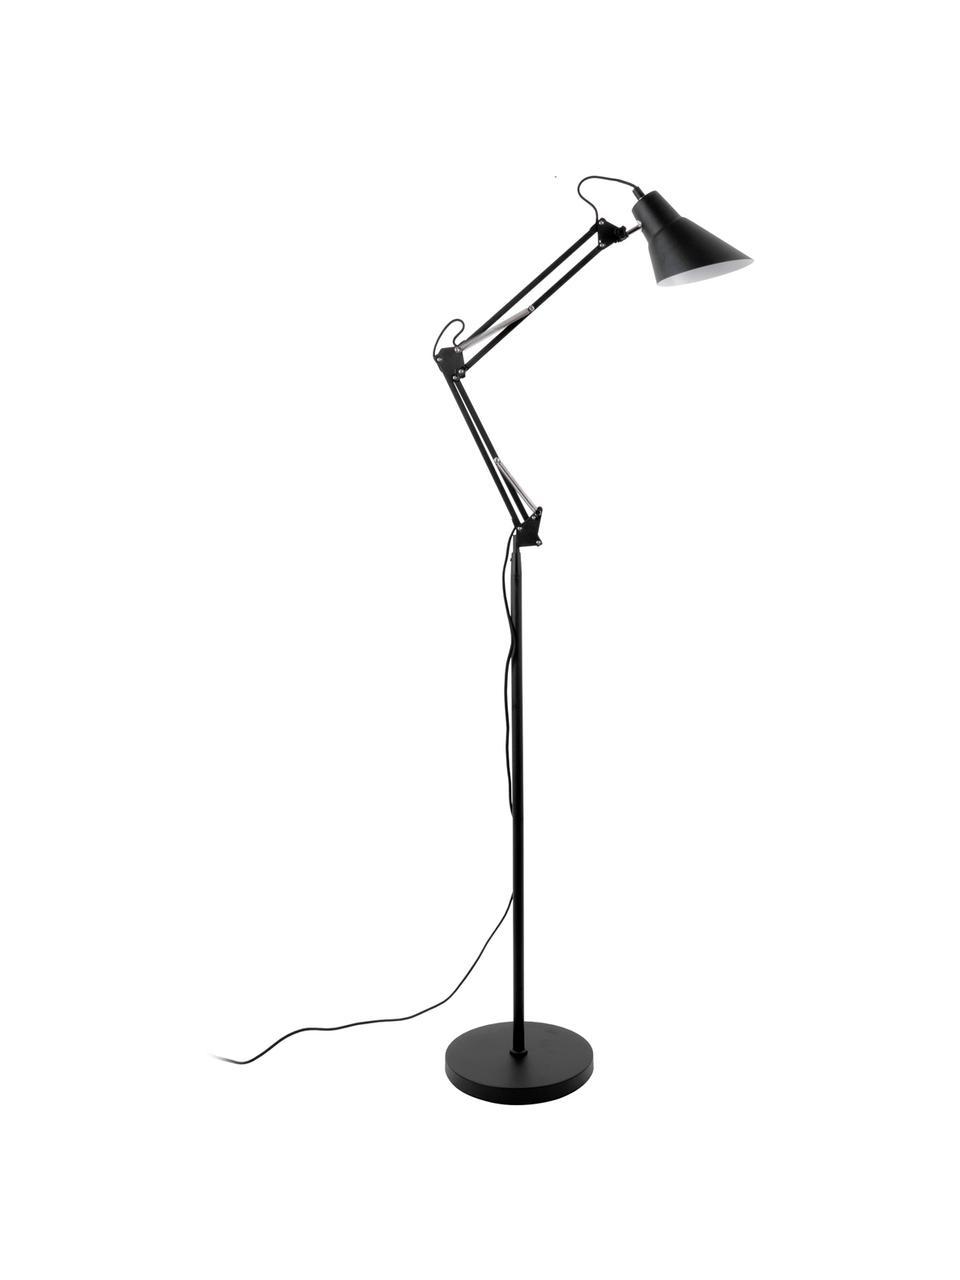 Lampa podłogowa Fit, Czarny, Ø 28 x W 165 cm